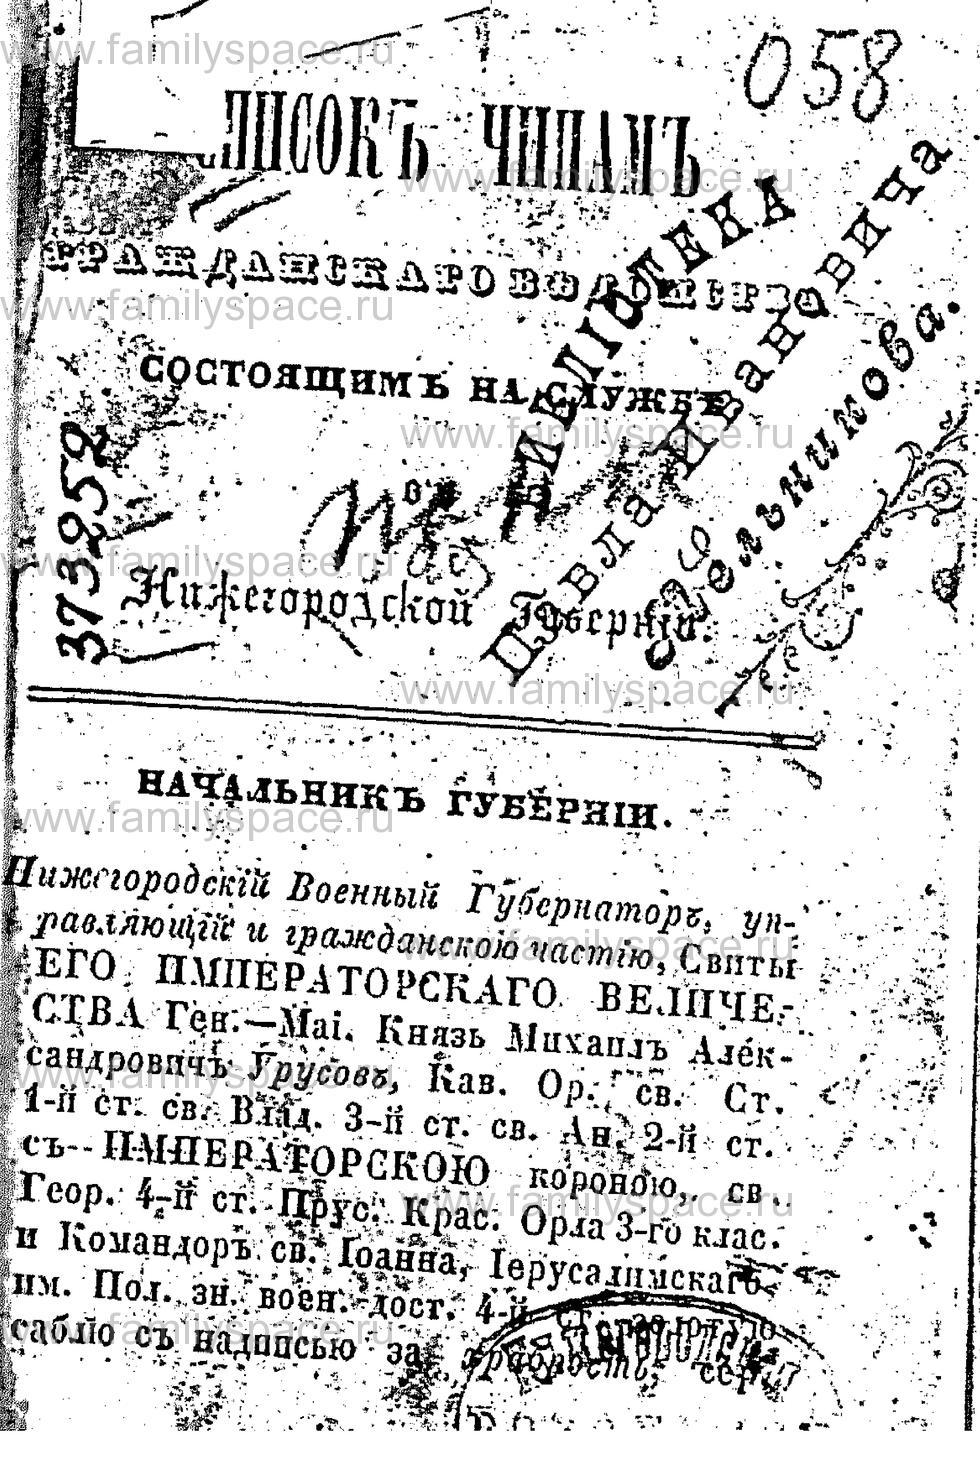 Поиск по фамилии - Памятная книжка Нижегородской губернии на 1847 год, страница 1